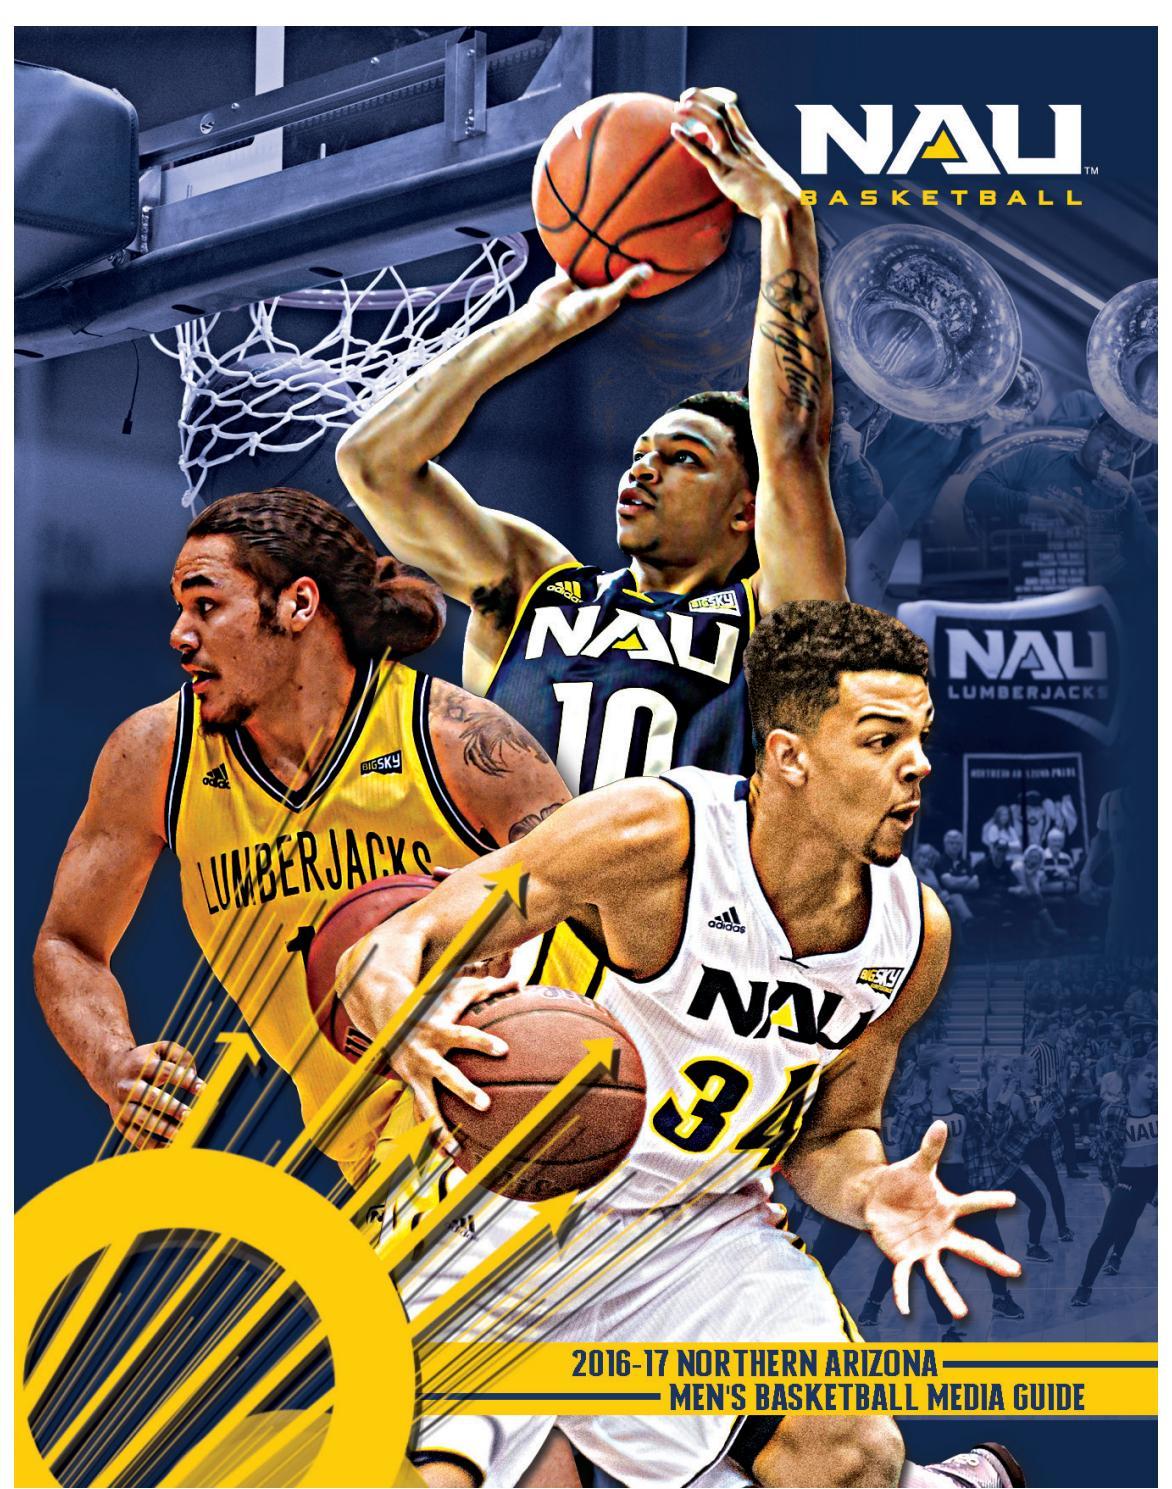 8f168db54e96 2016-17 NAU Men s Basketball Media Guide by NAU Athletics - issuu